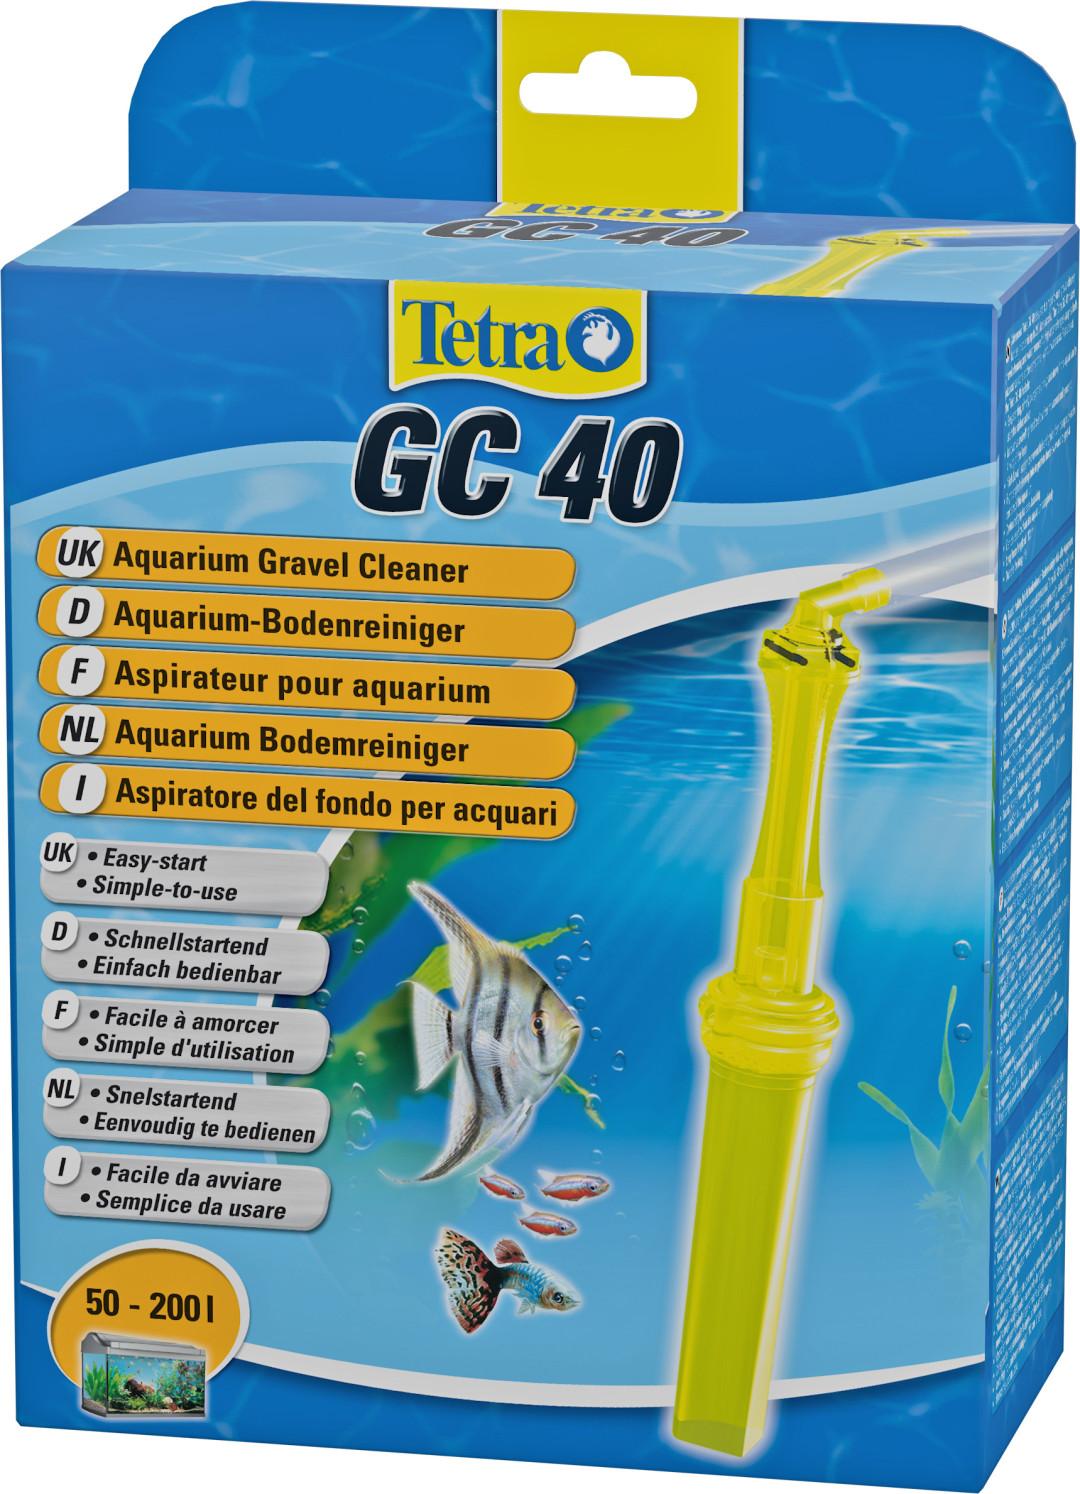 Tetra bodemreiniger GC 40